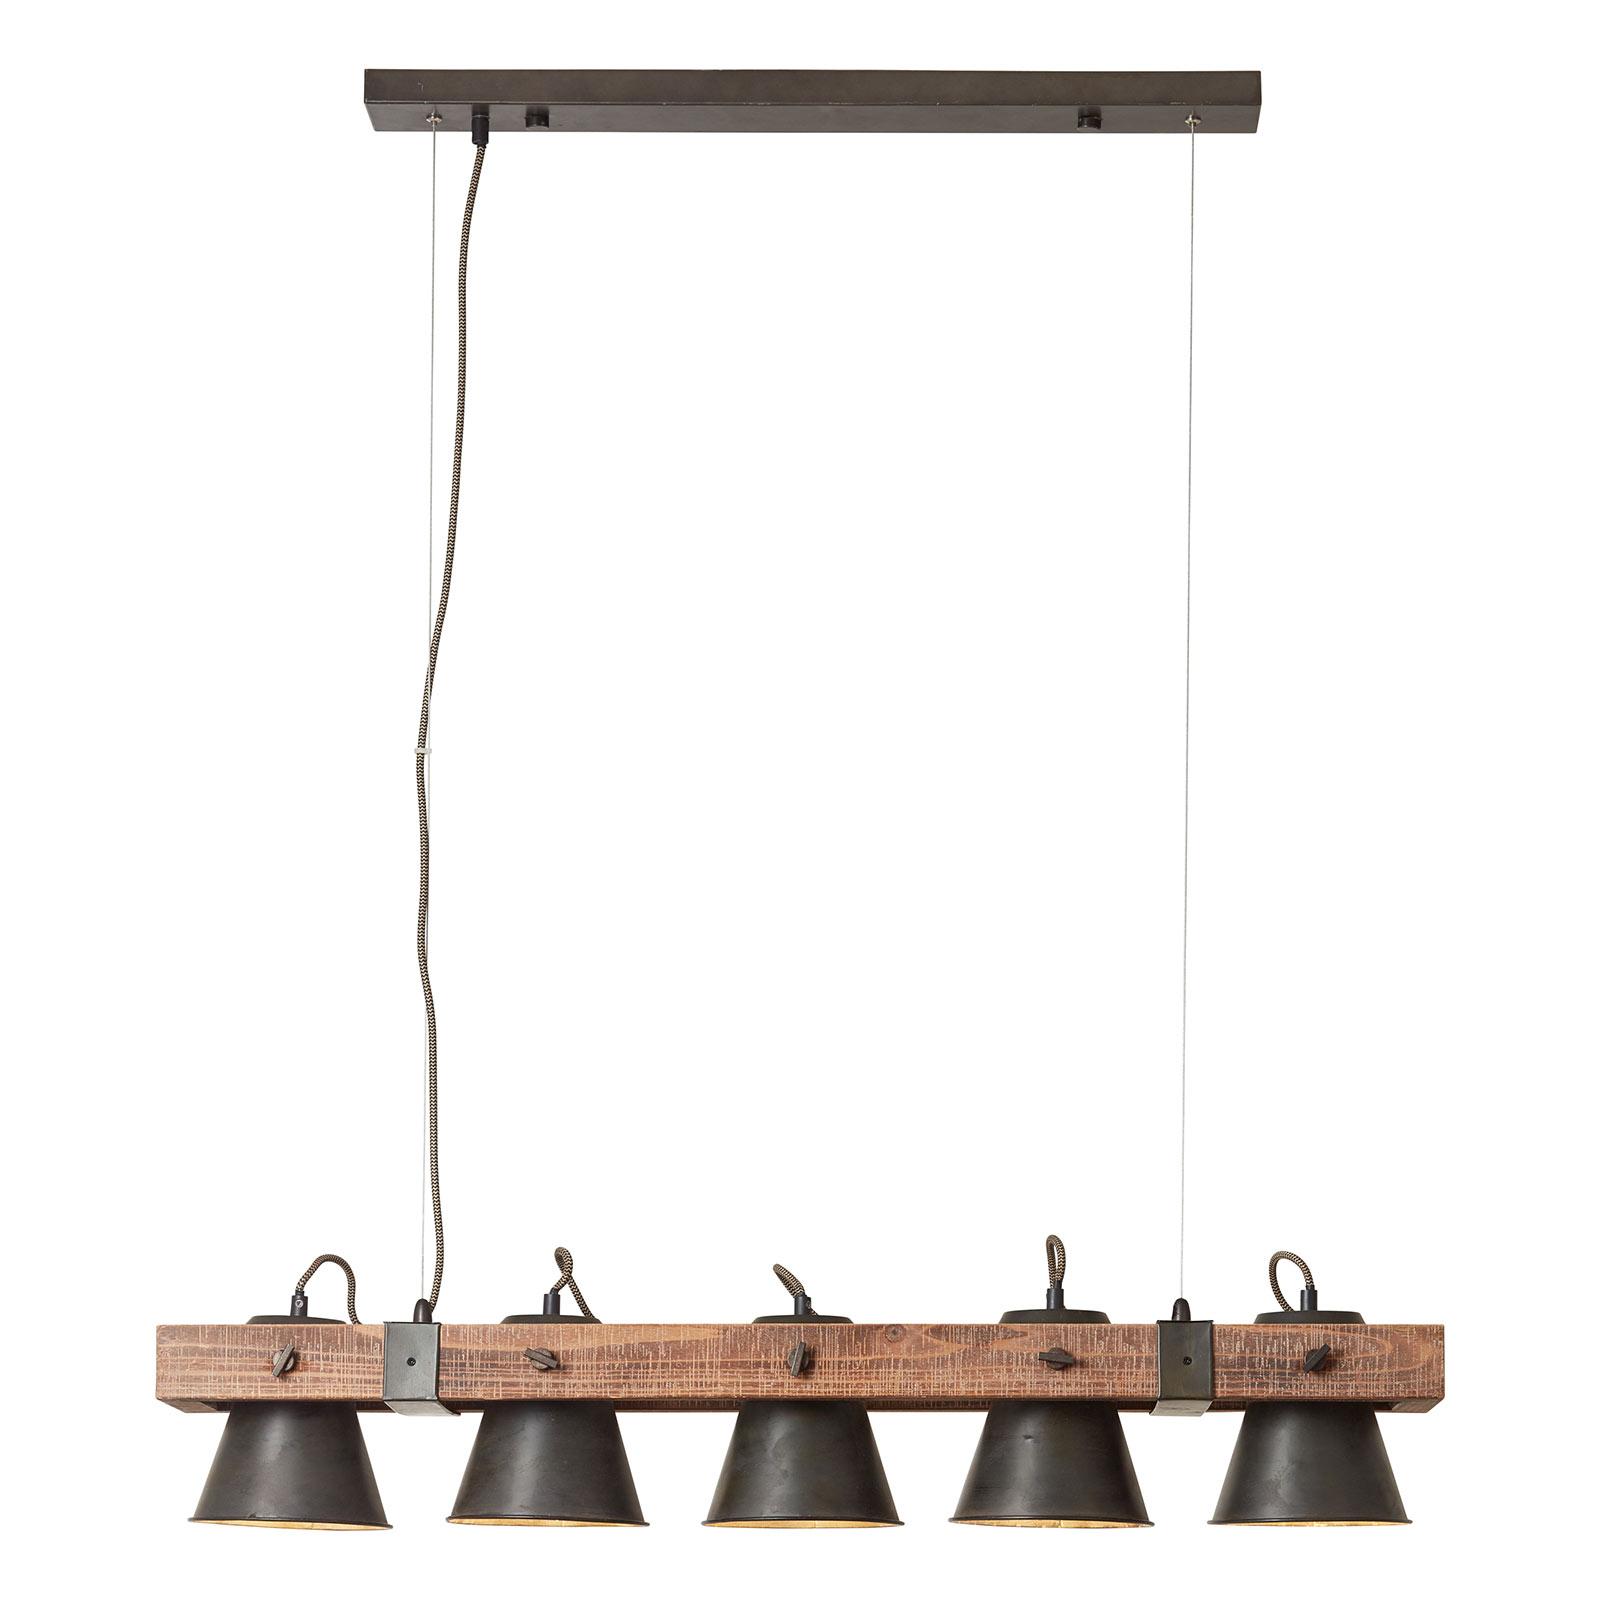 Lampa wisząca Plow 5-punktowa czarna/ciemne drewno